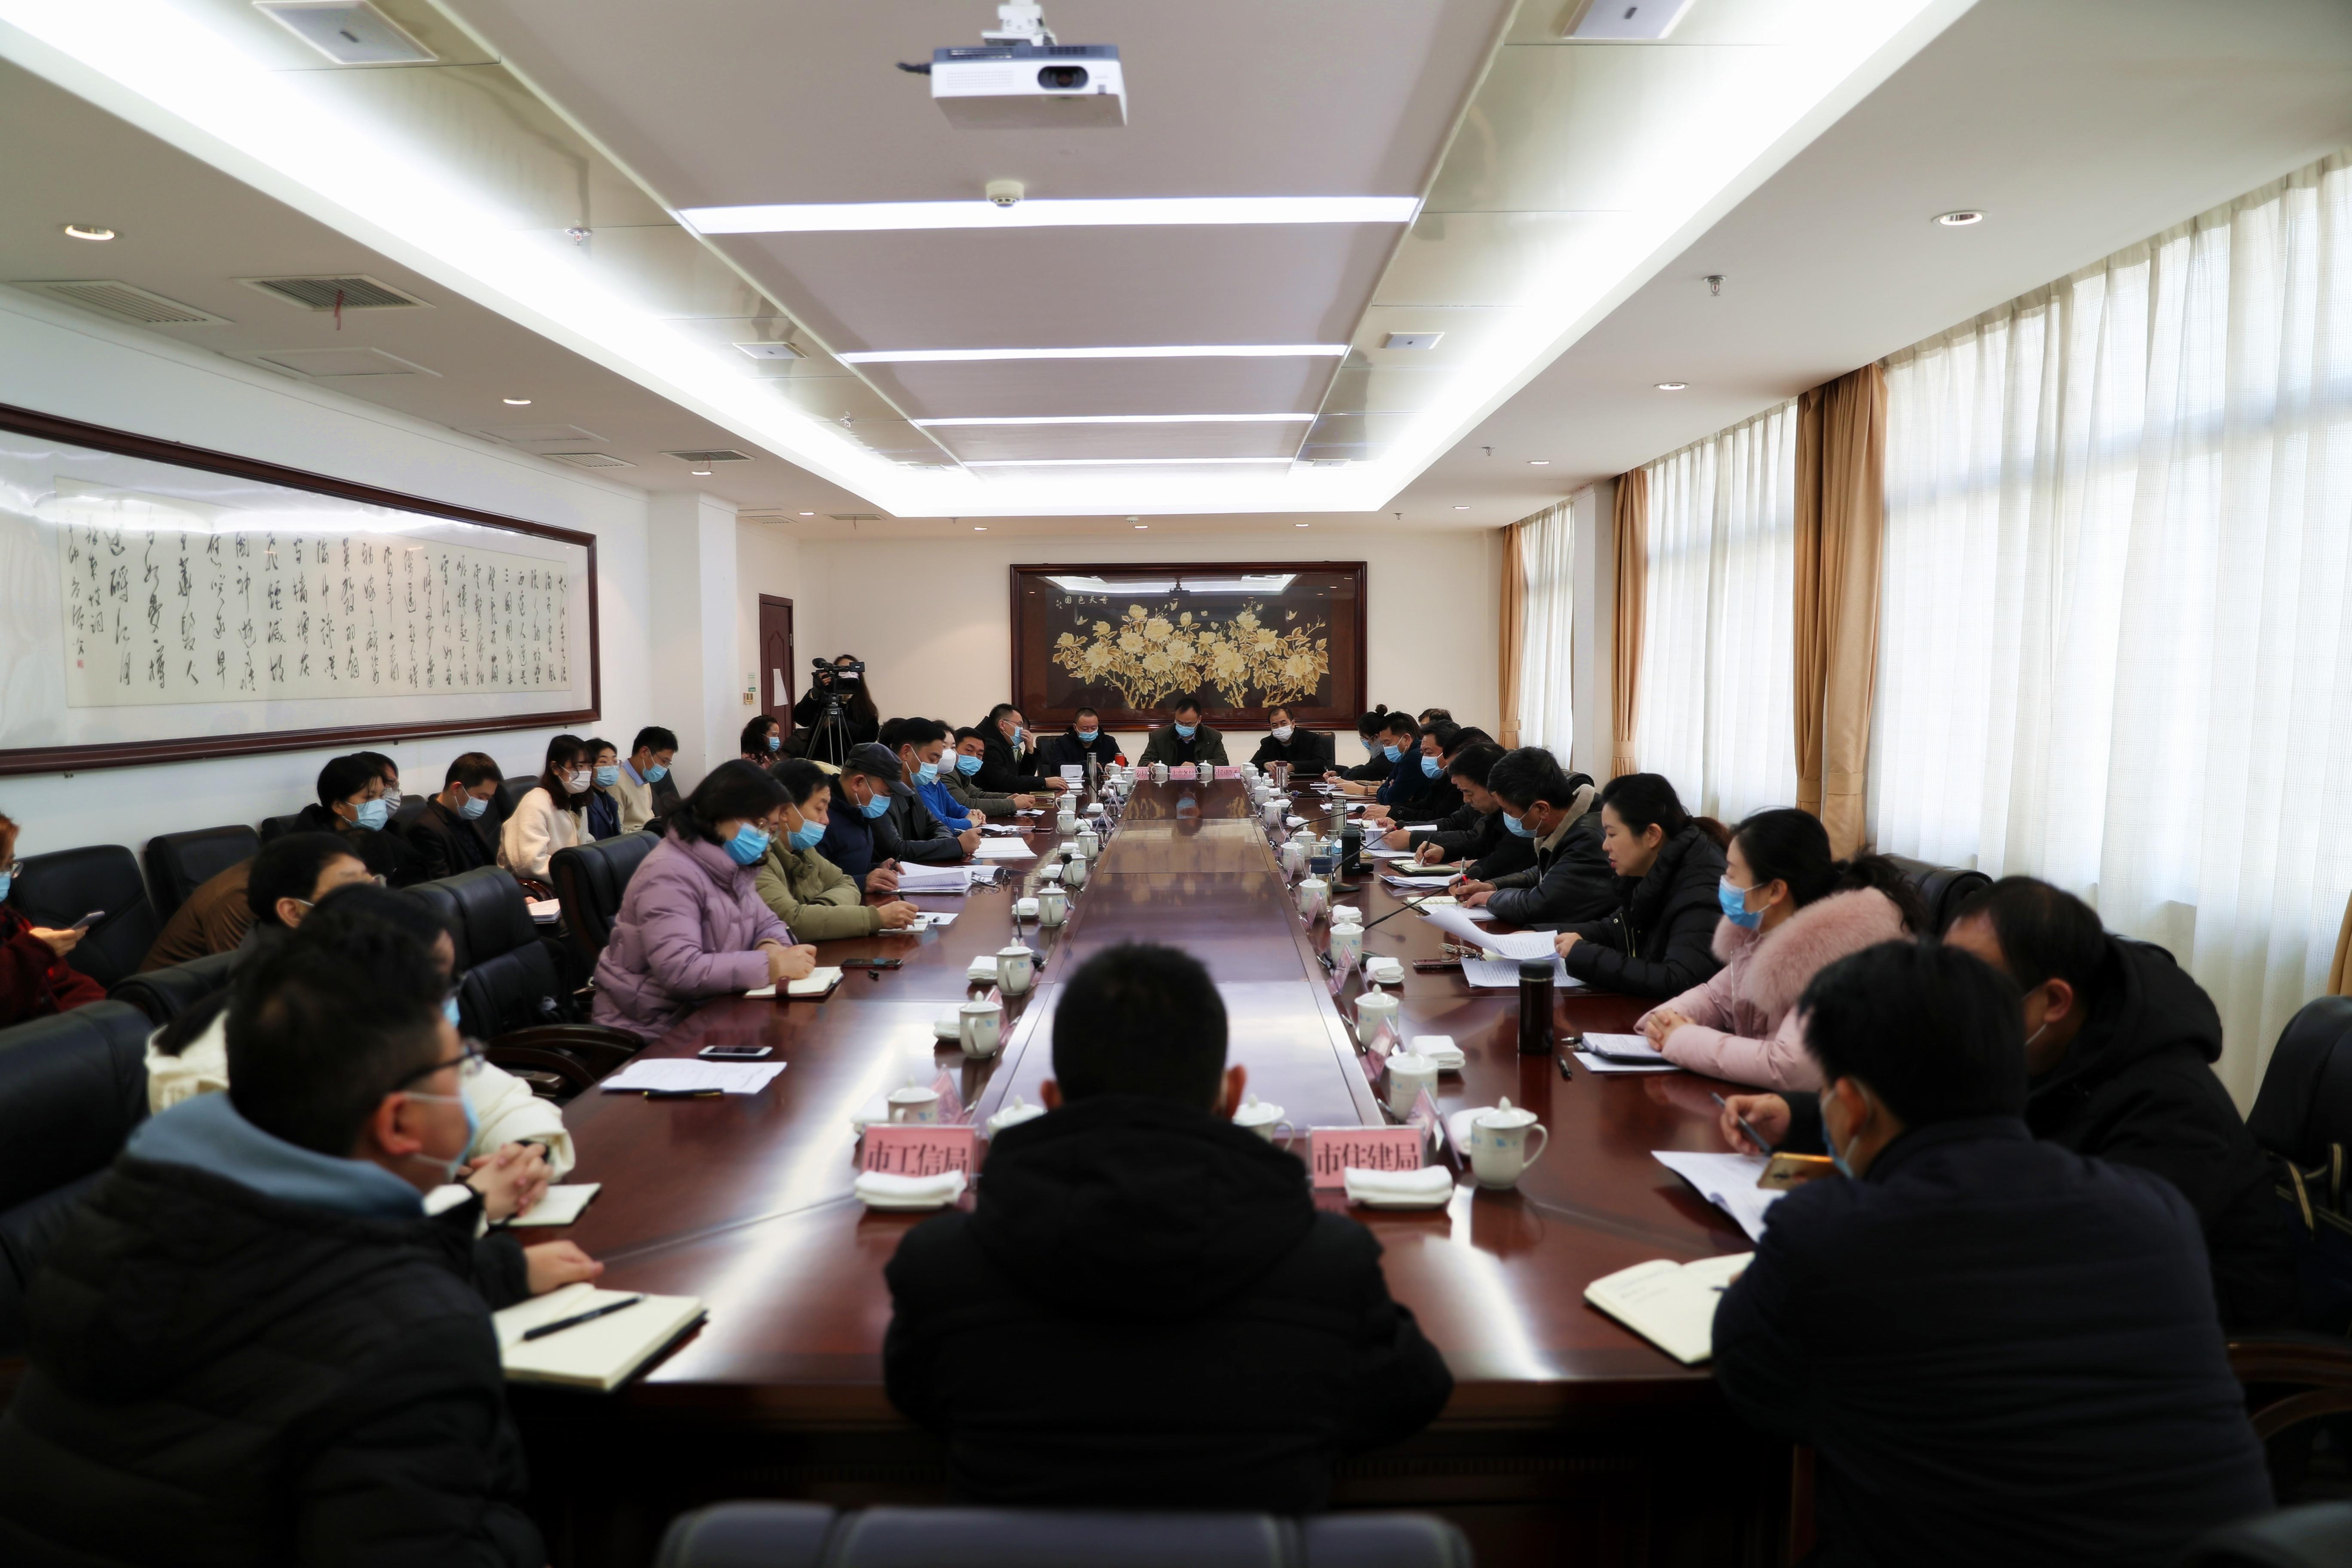 洛阳市产业工人队伍建设改革协调小组第二次会议召开